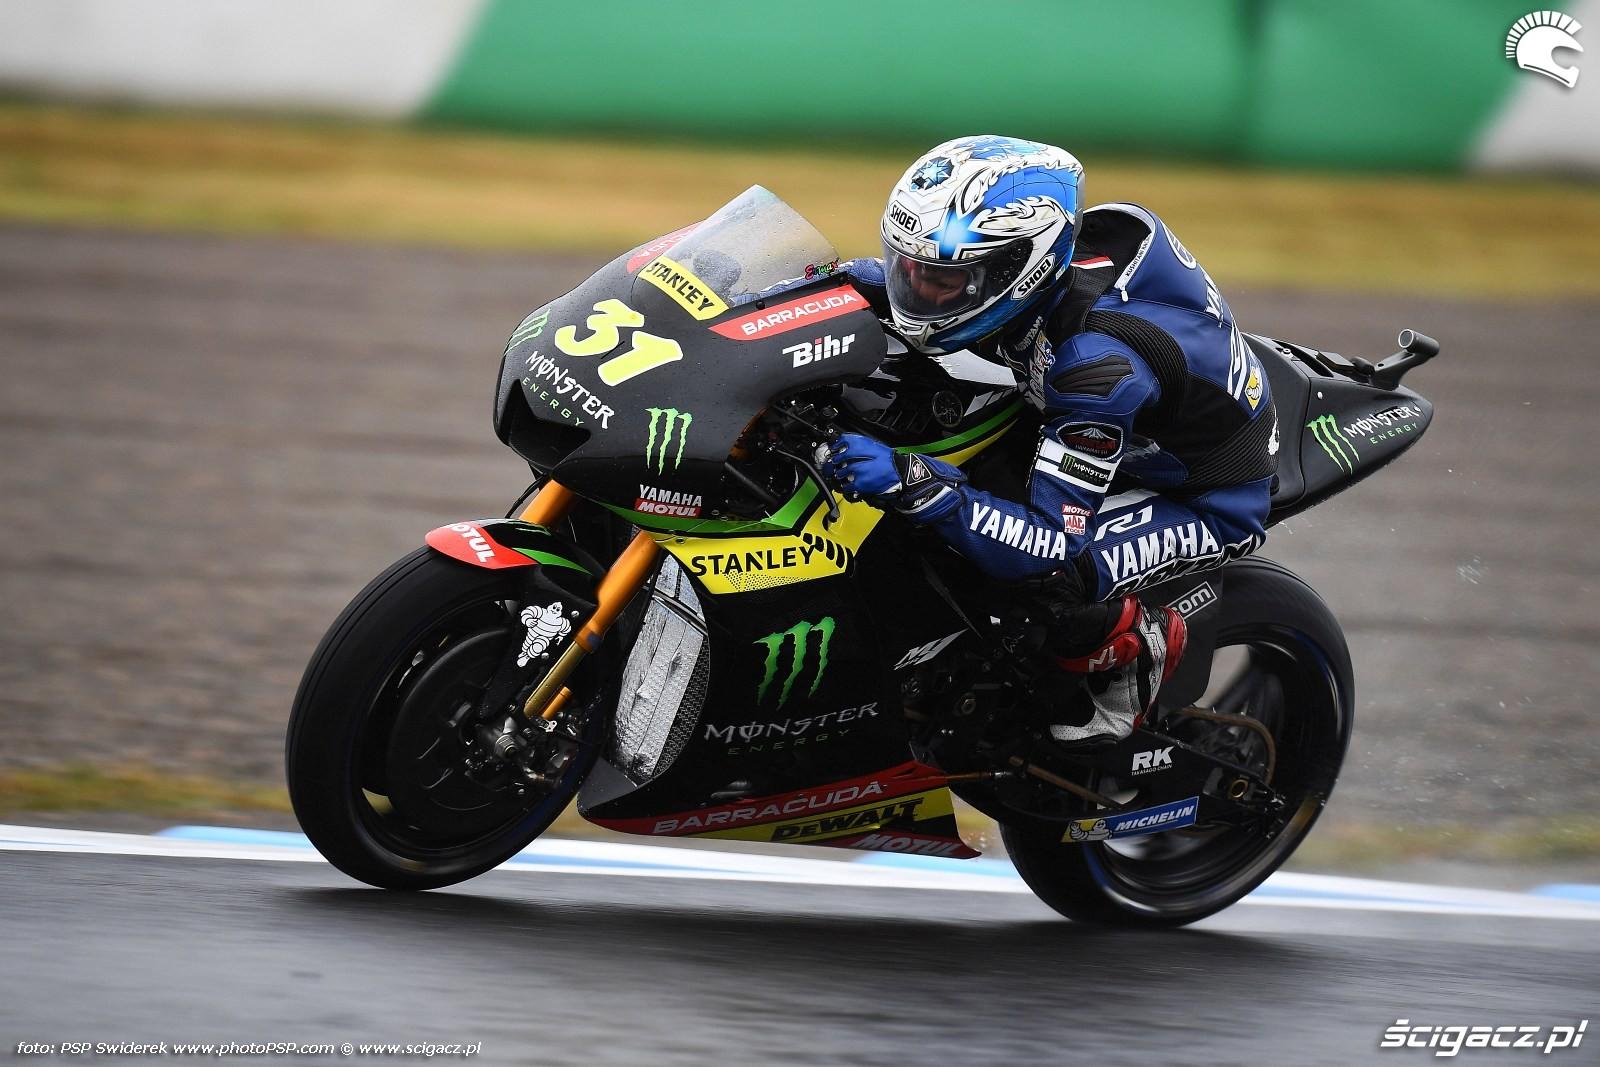 MotoGP Motegi Monster Tech3 Yamaha 31 Kohta Nozane 4